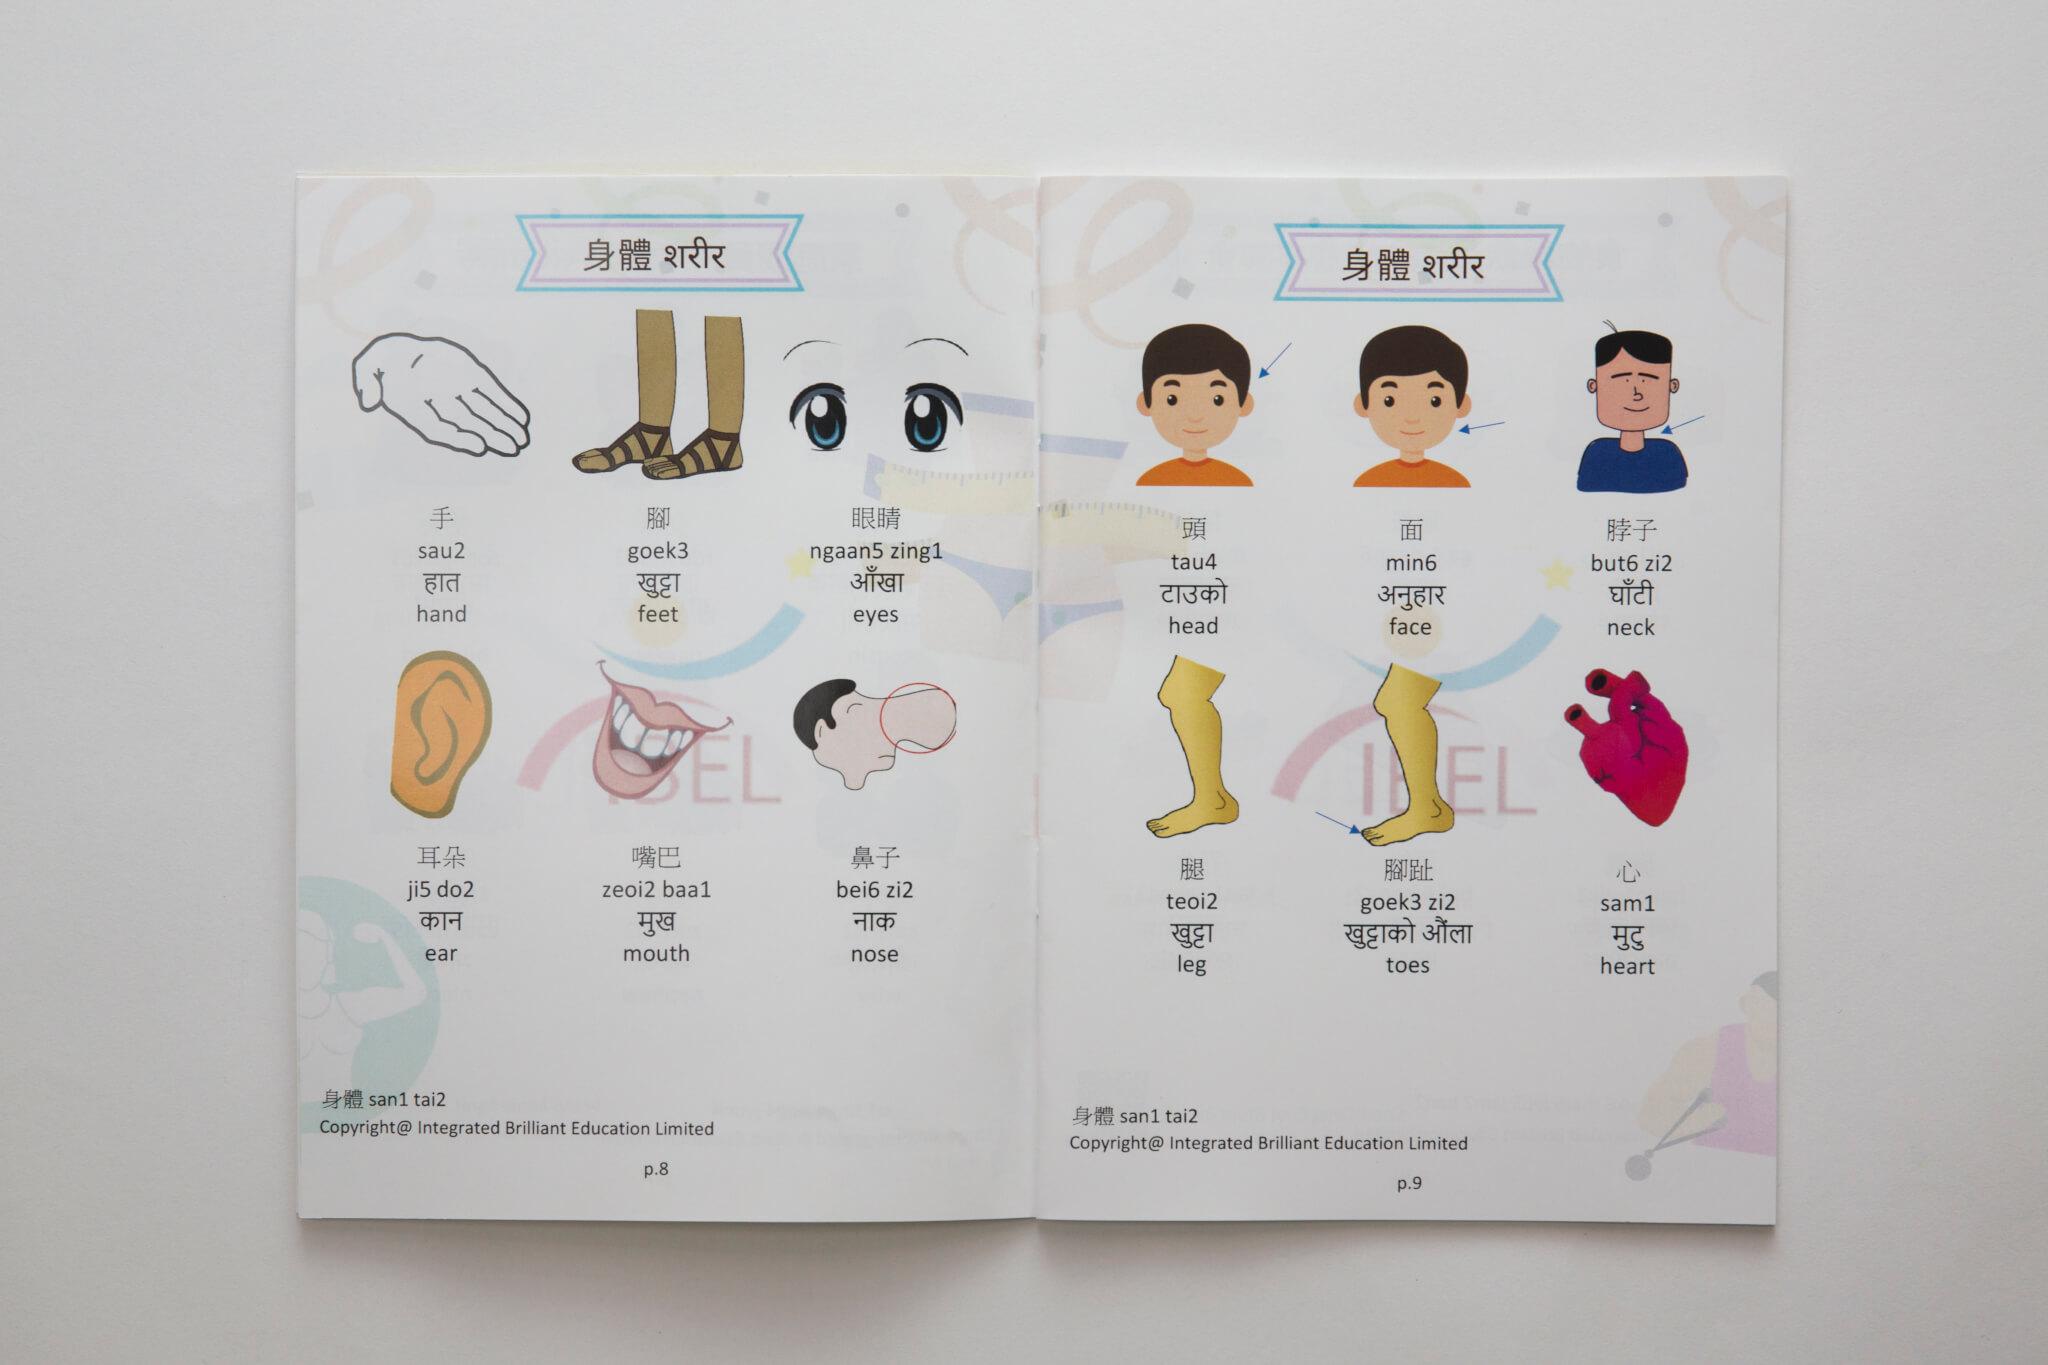 Geetanjali自資設計和印刷四種語言的中文教材,還找了專人錄音。